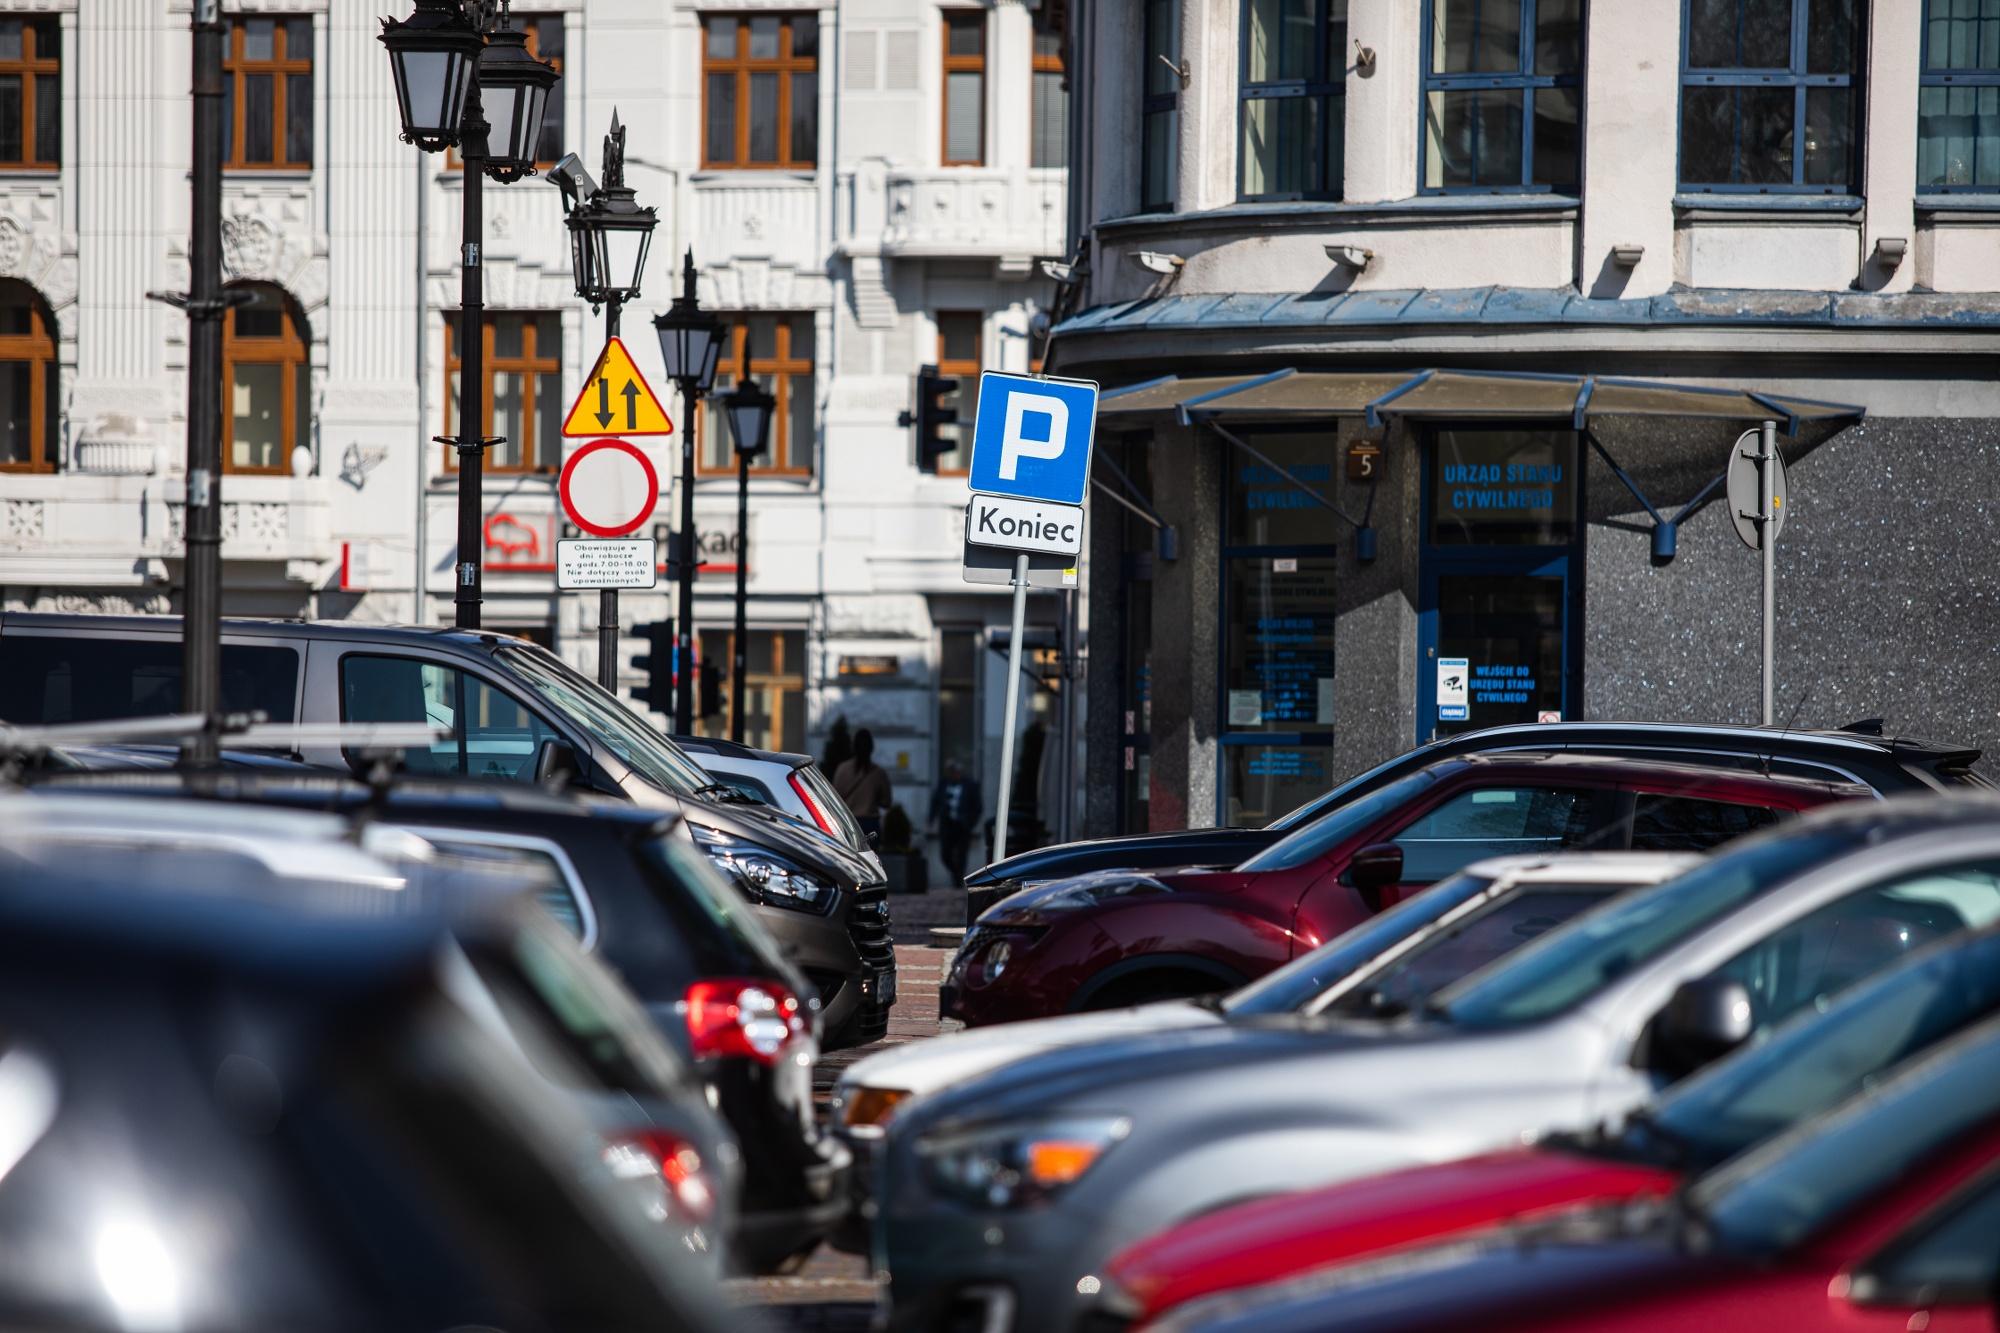 Od poniedziałku wraca pobór opłat za parkowanie przed Ratuszem